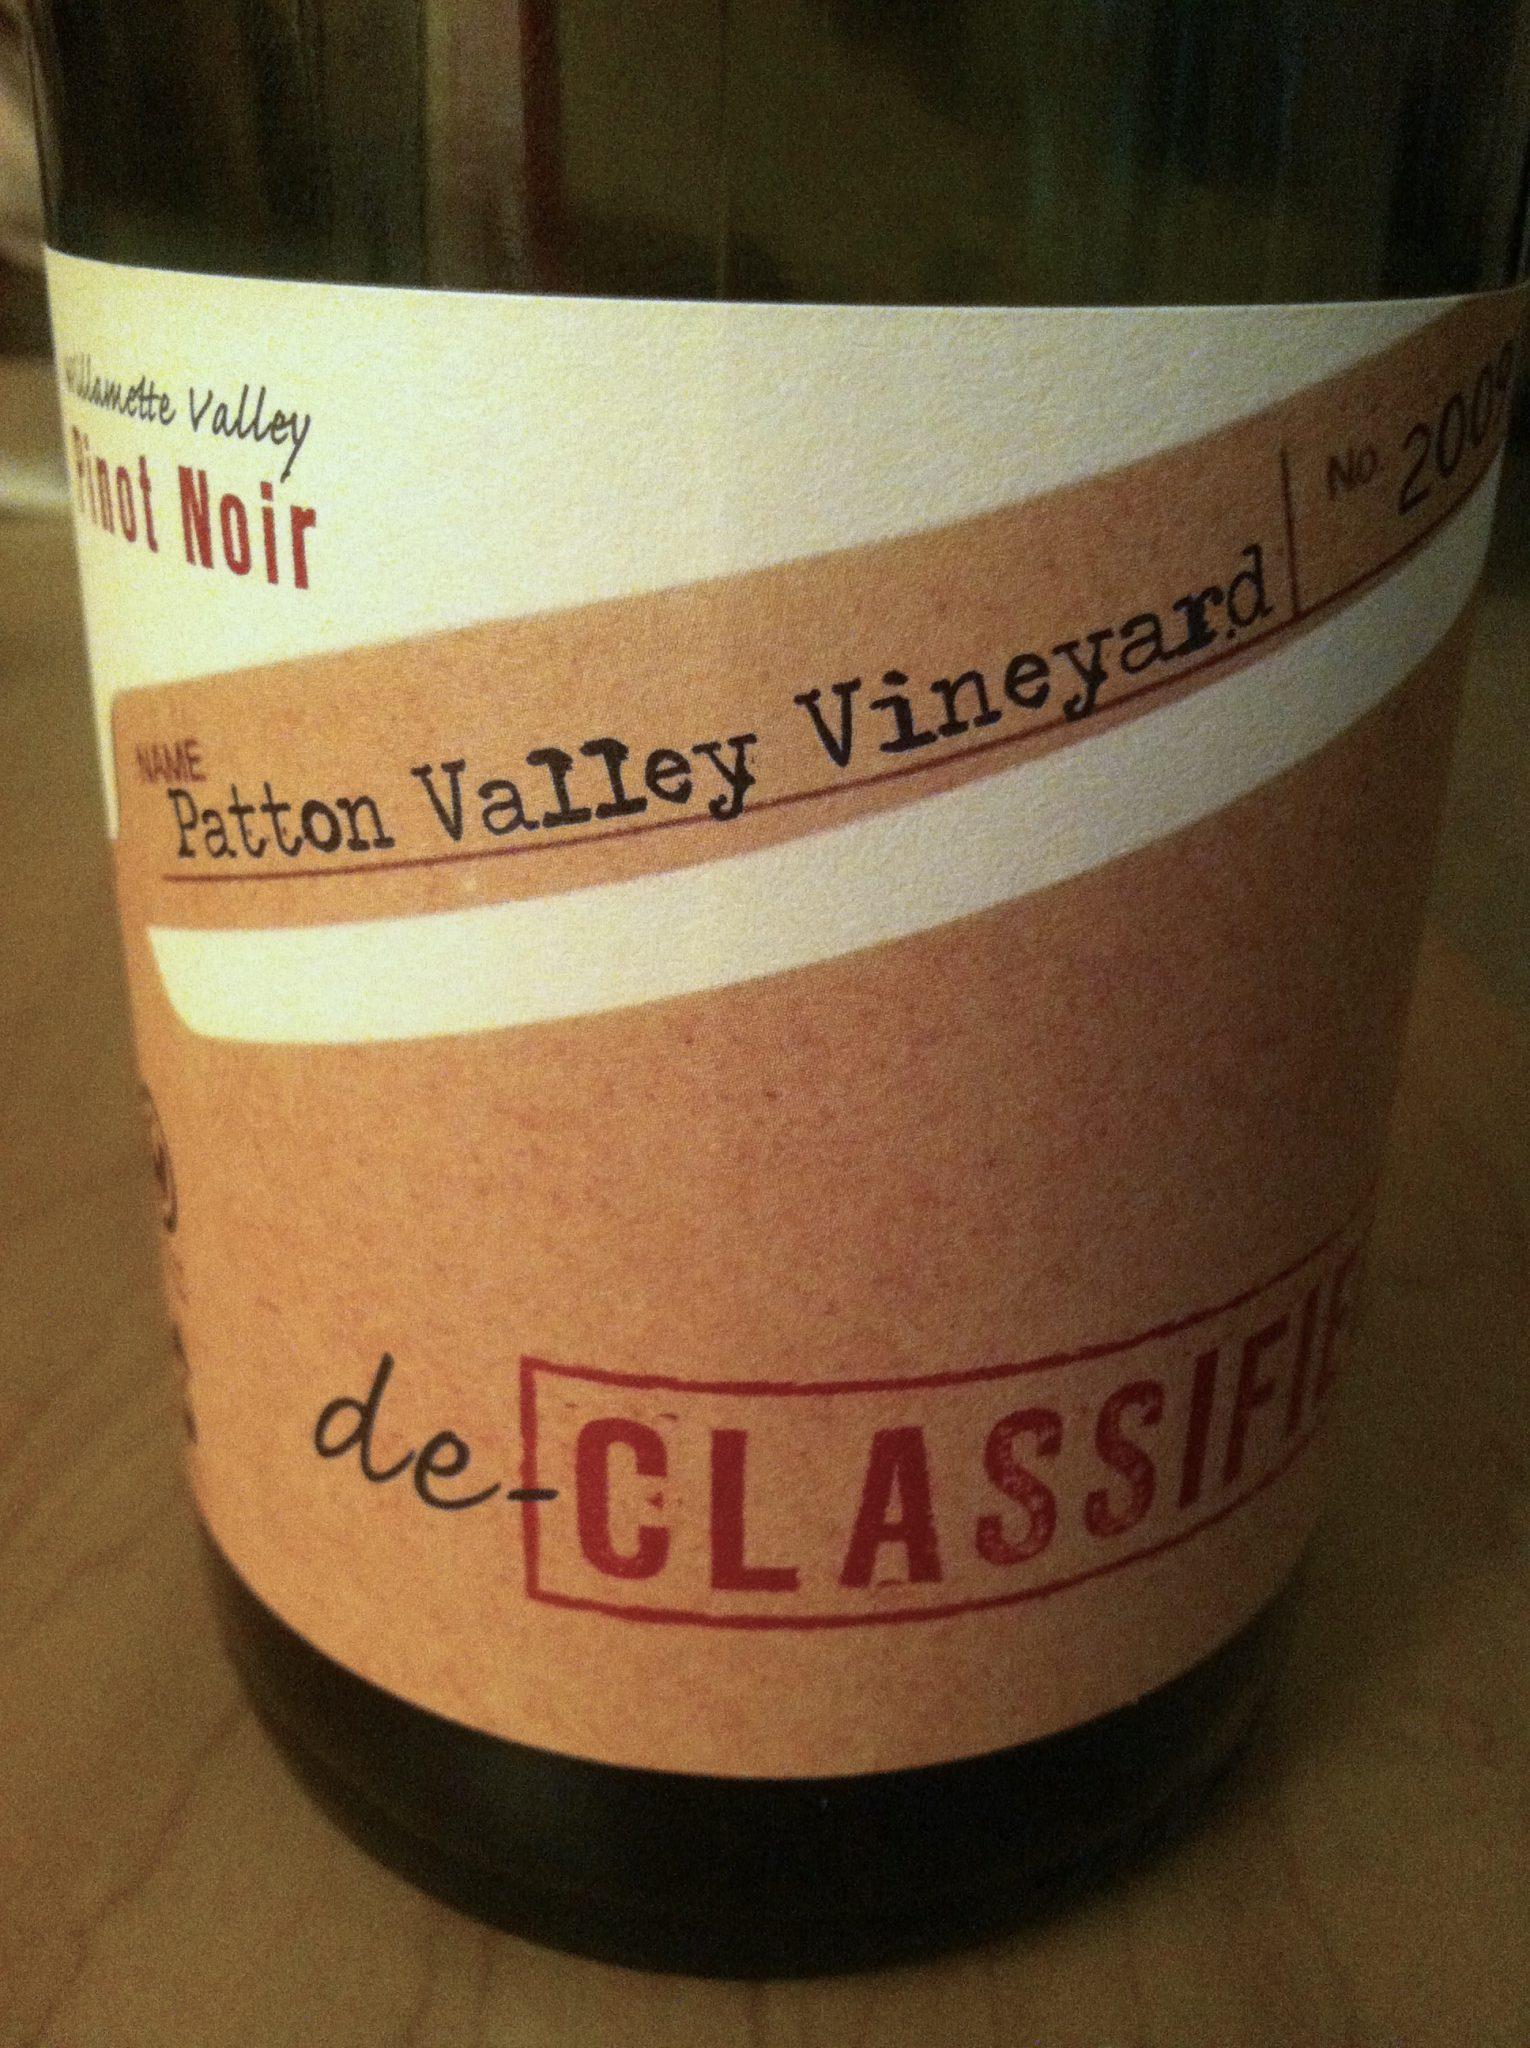 Delectable Patton Valley Vineyard Winemaker Dinner at Milwaukie Kitchen &#038; Wine<span class=